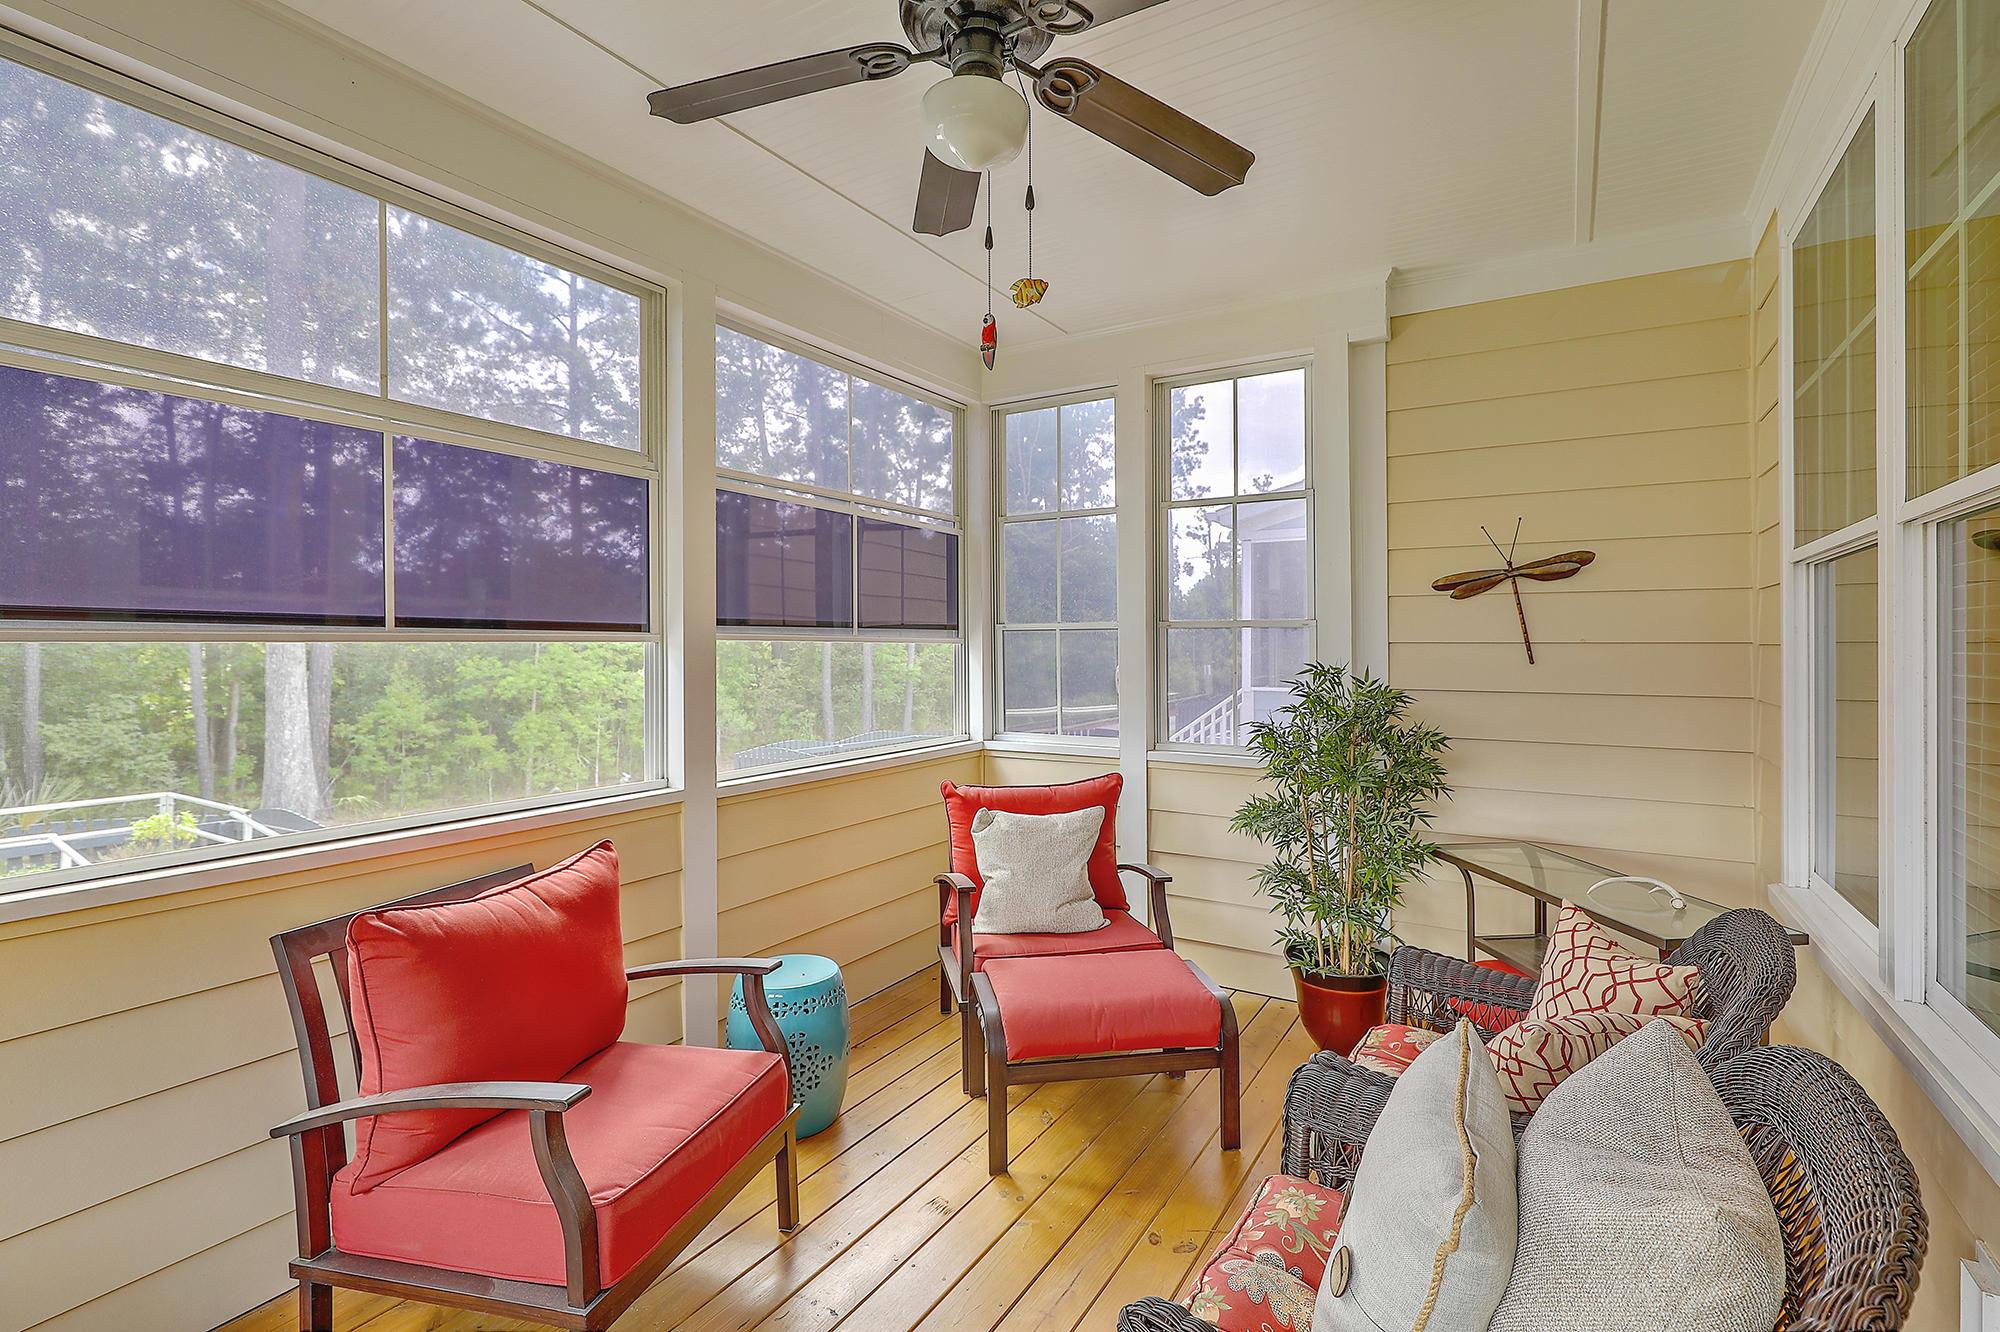 Dunes West Homes For Sale - 3171 Sturbridge, Mount Pleasant, SC - 32